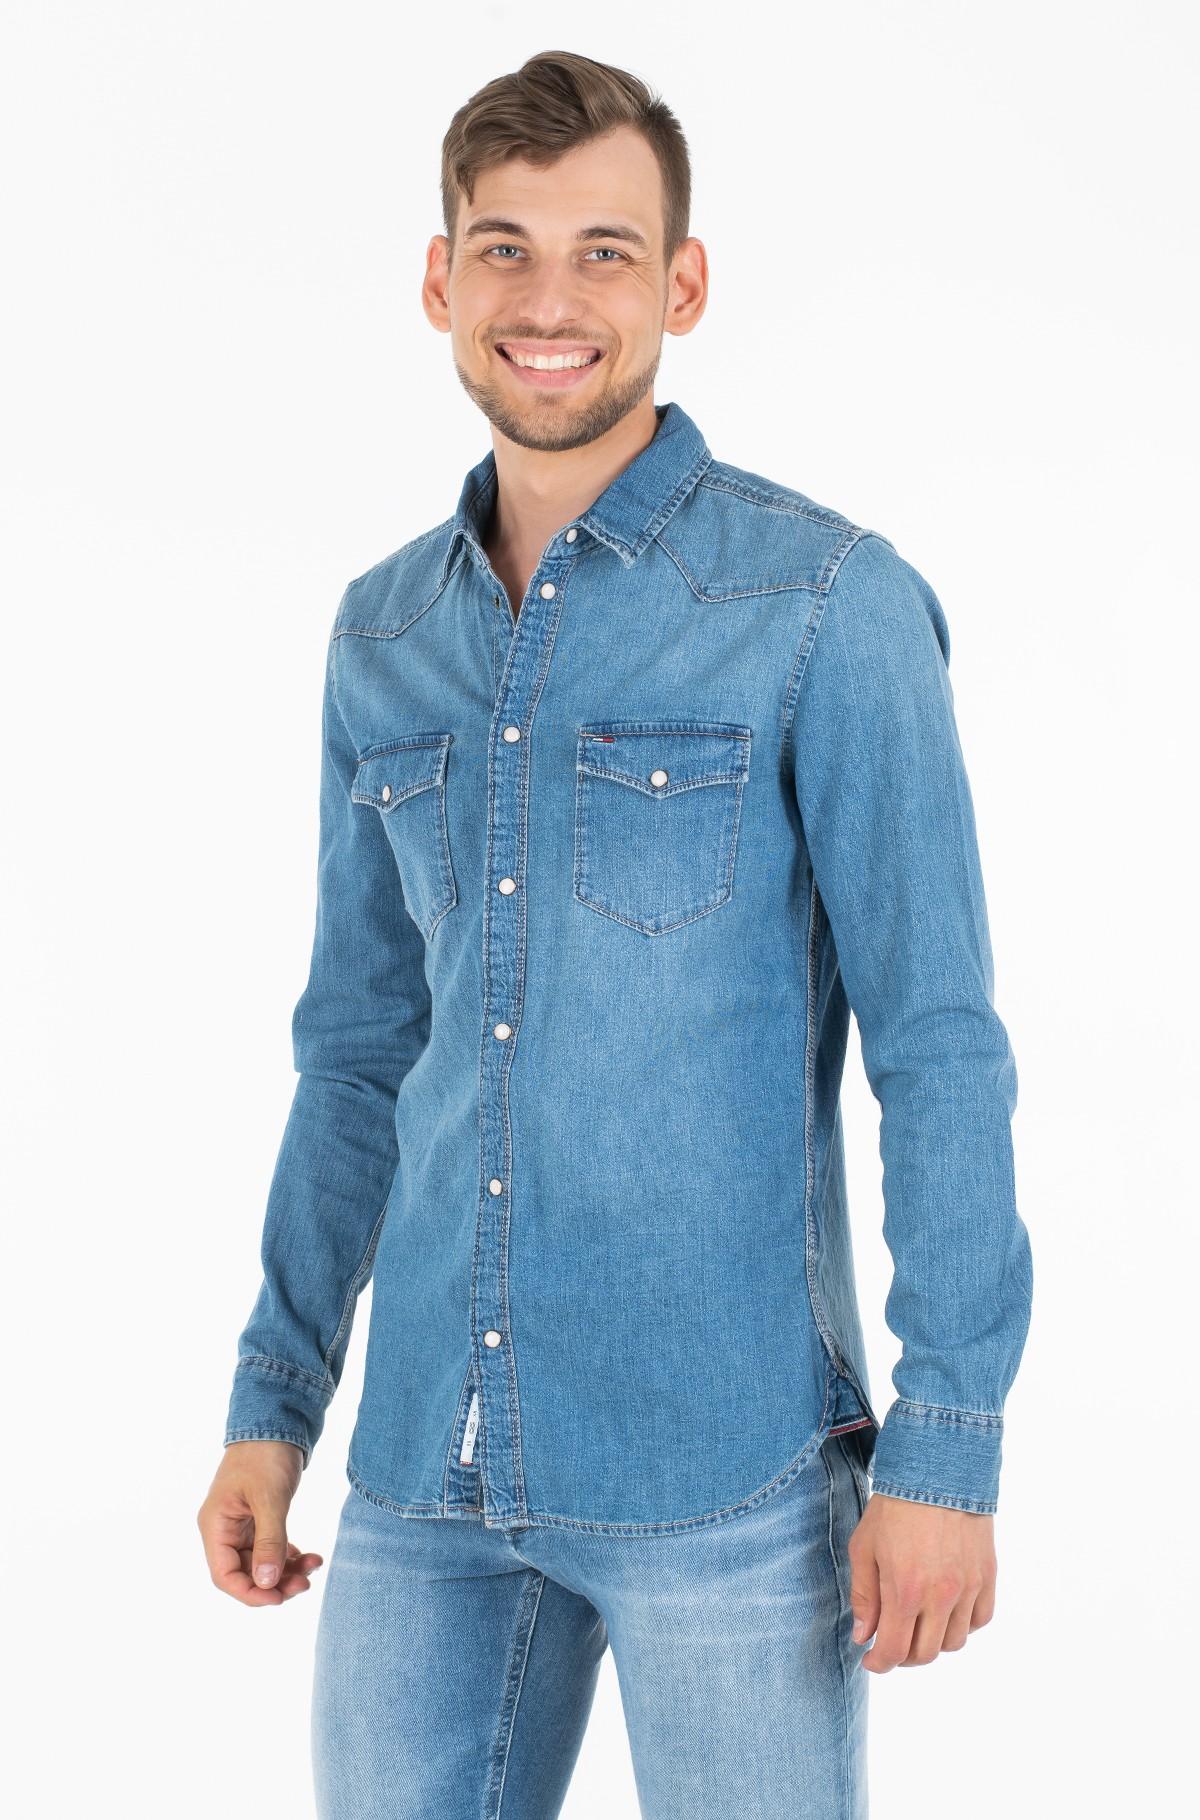 Džinsiniai marškiniai WESTERN DENIM SHIRT MSLB-full-1